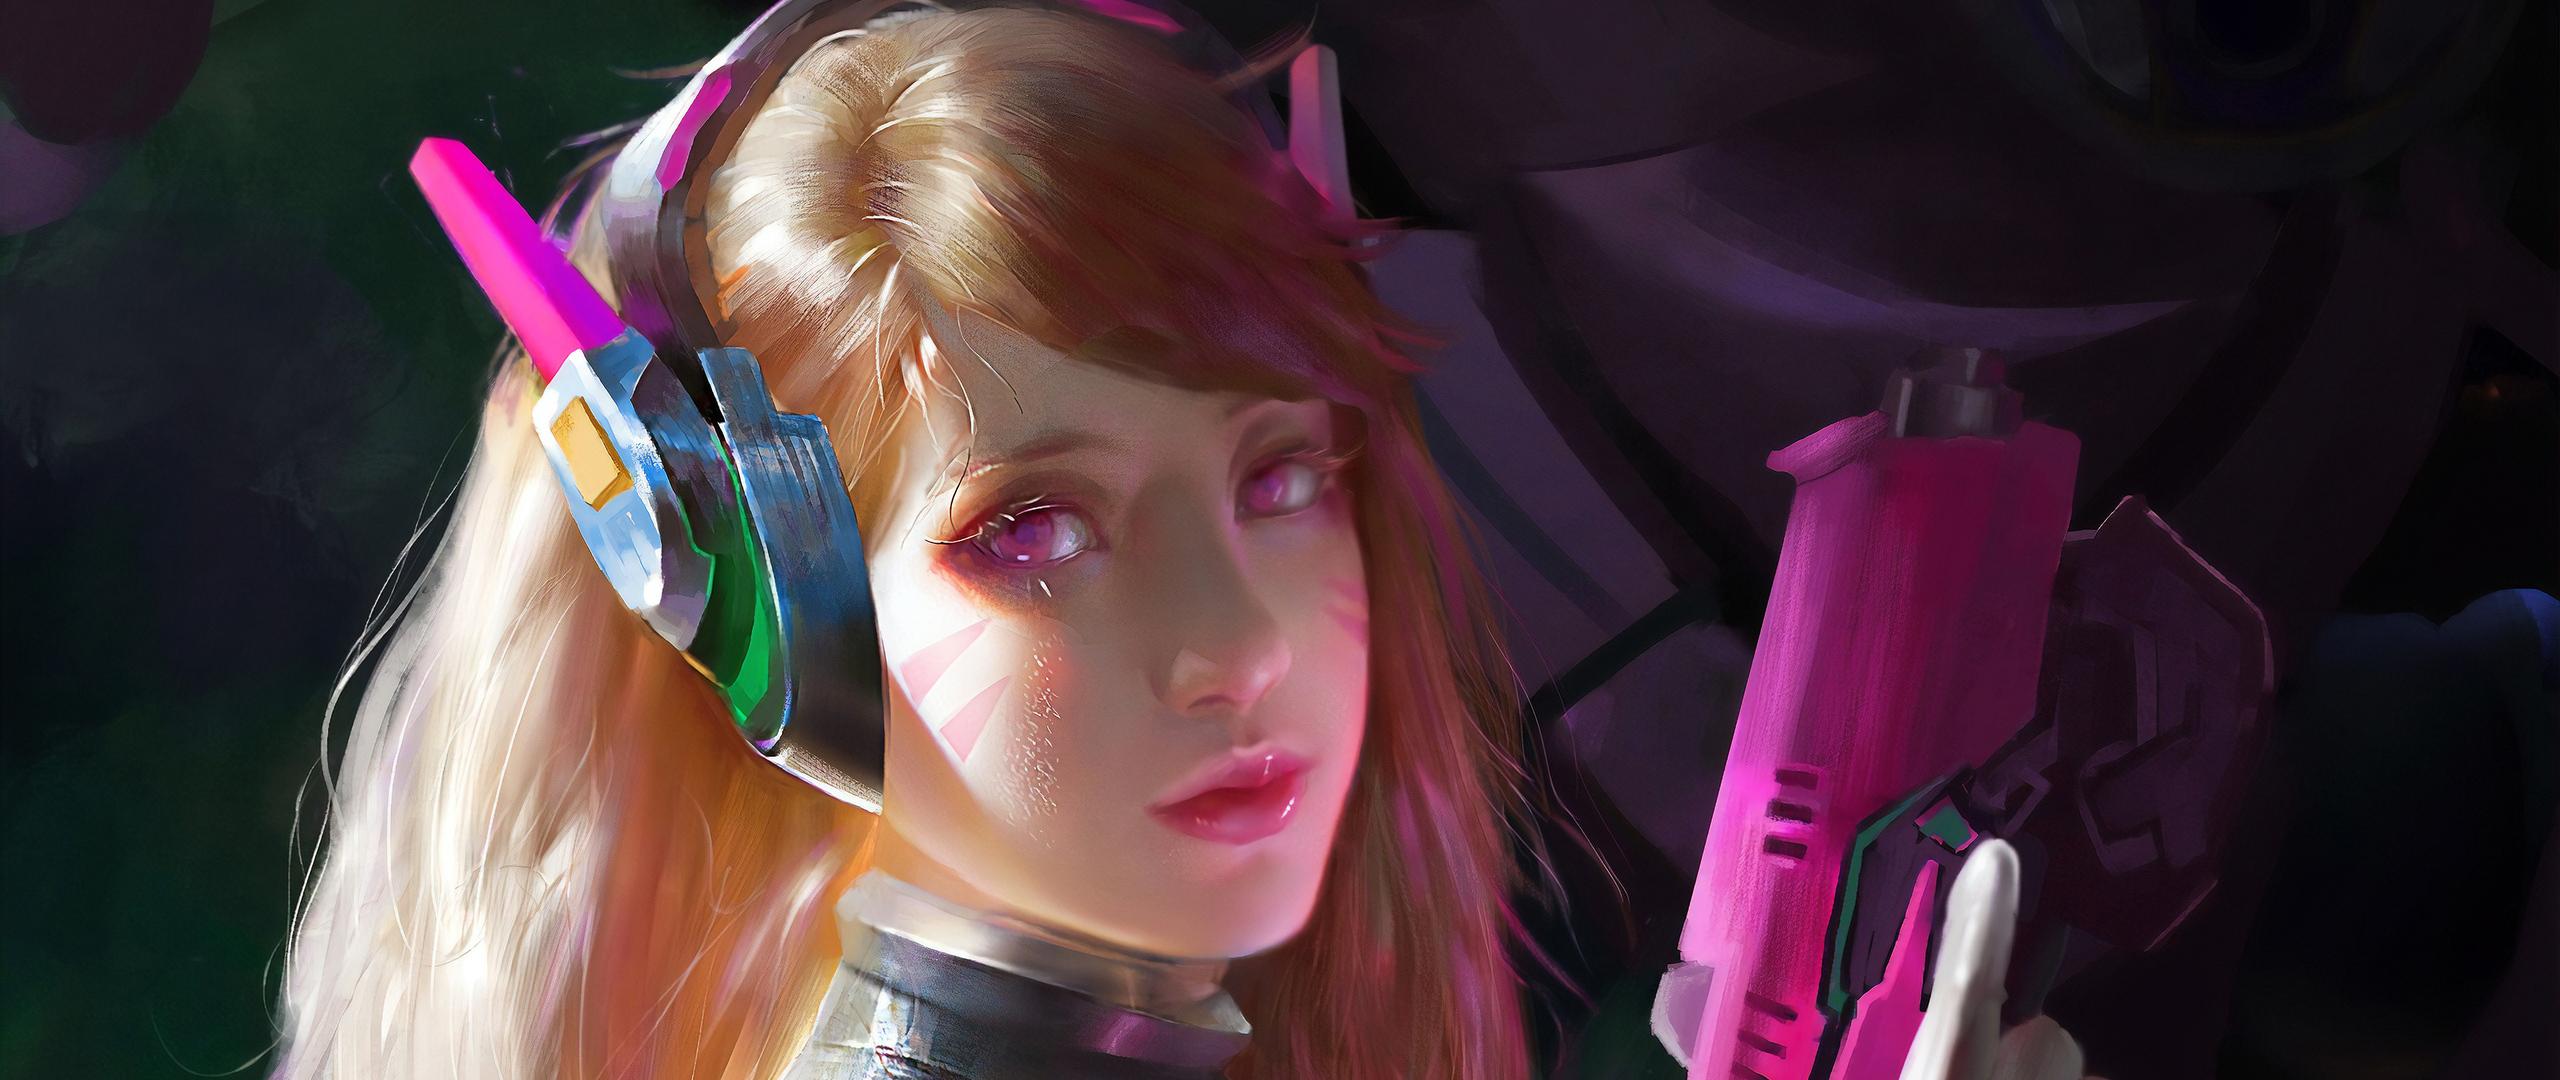 dva-overwatch-game-art-4k-ld.jpg